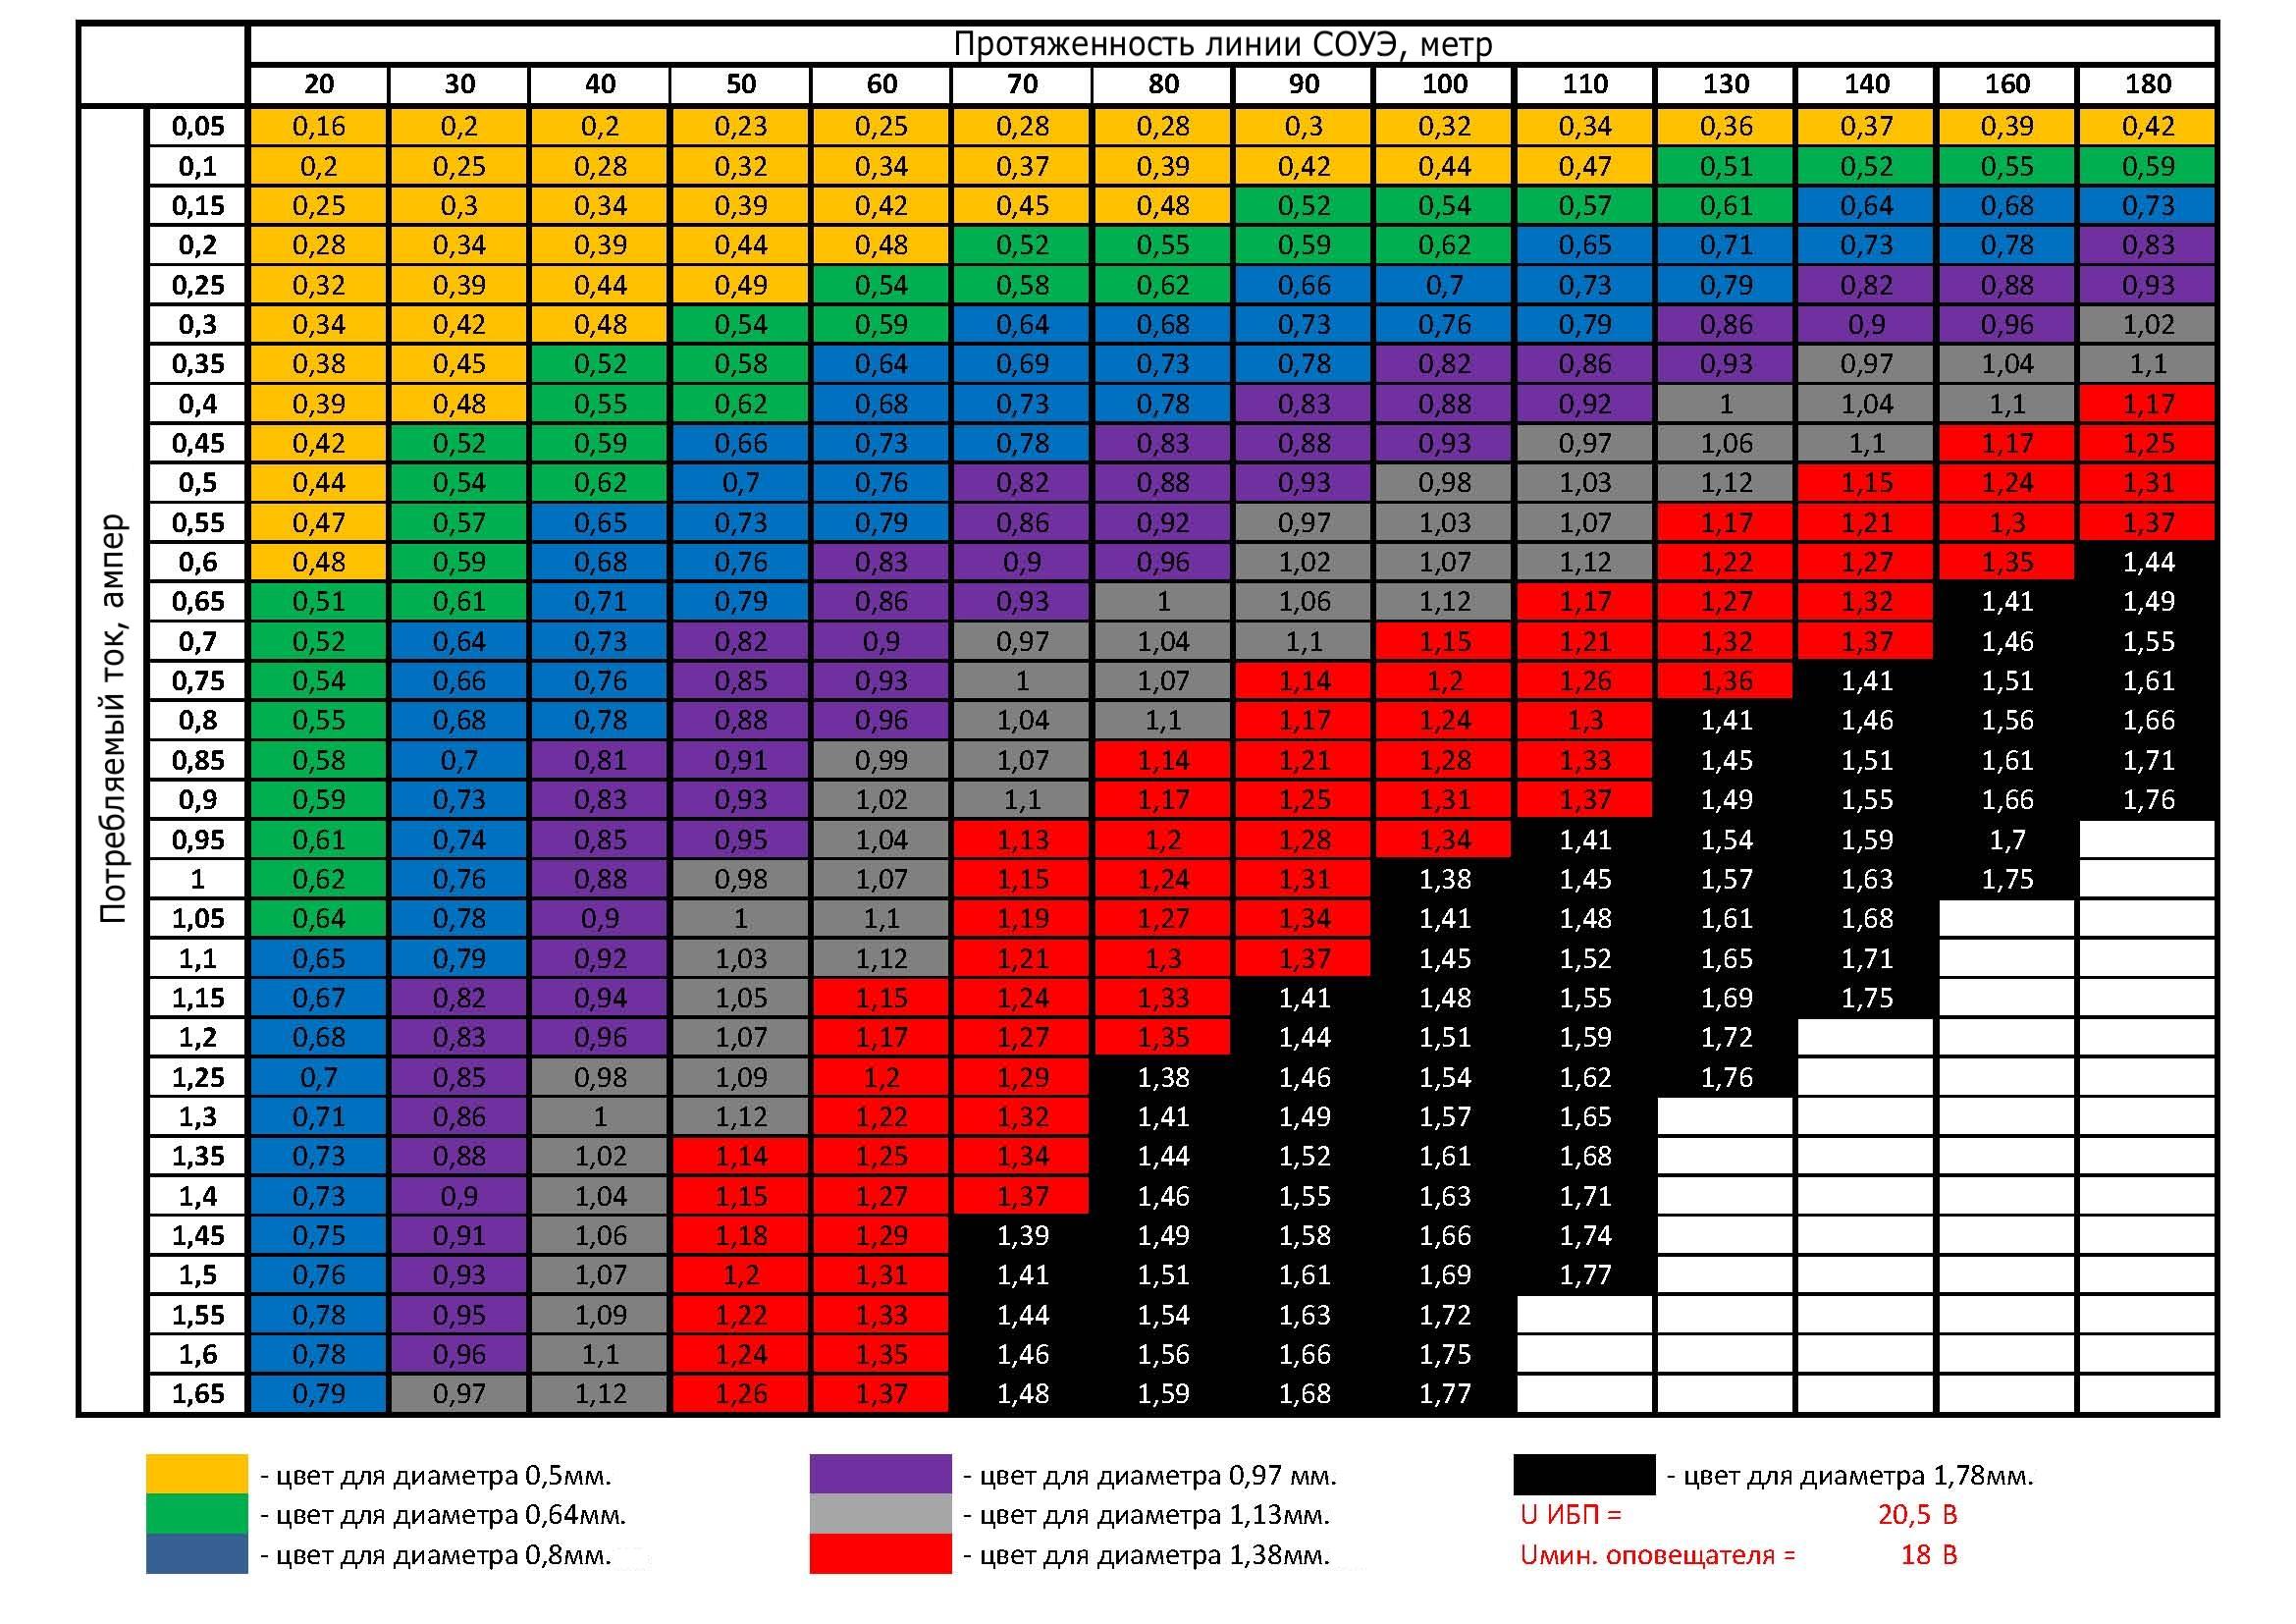 Программы по расчету сечения кабелей